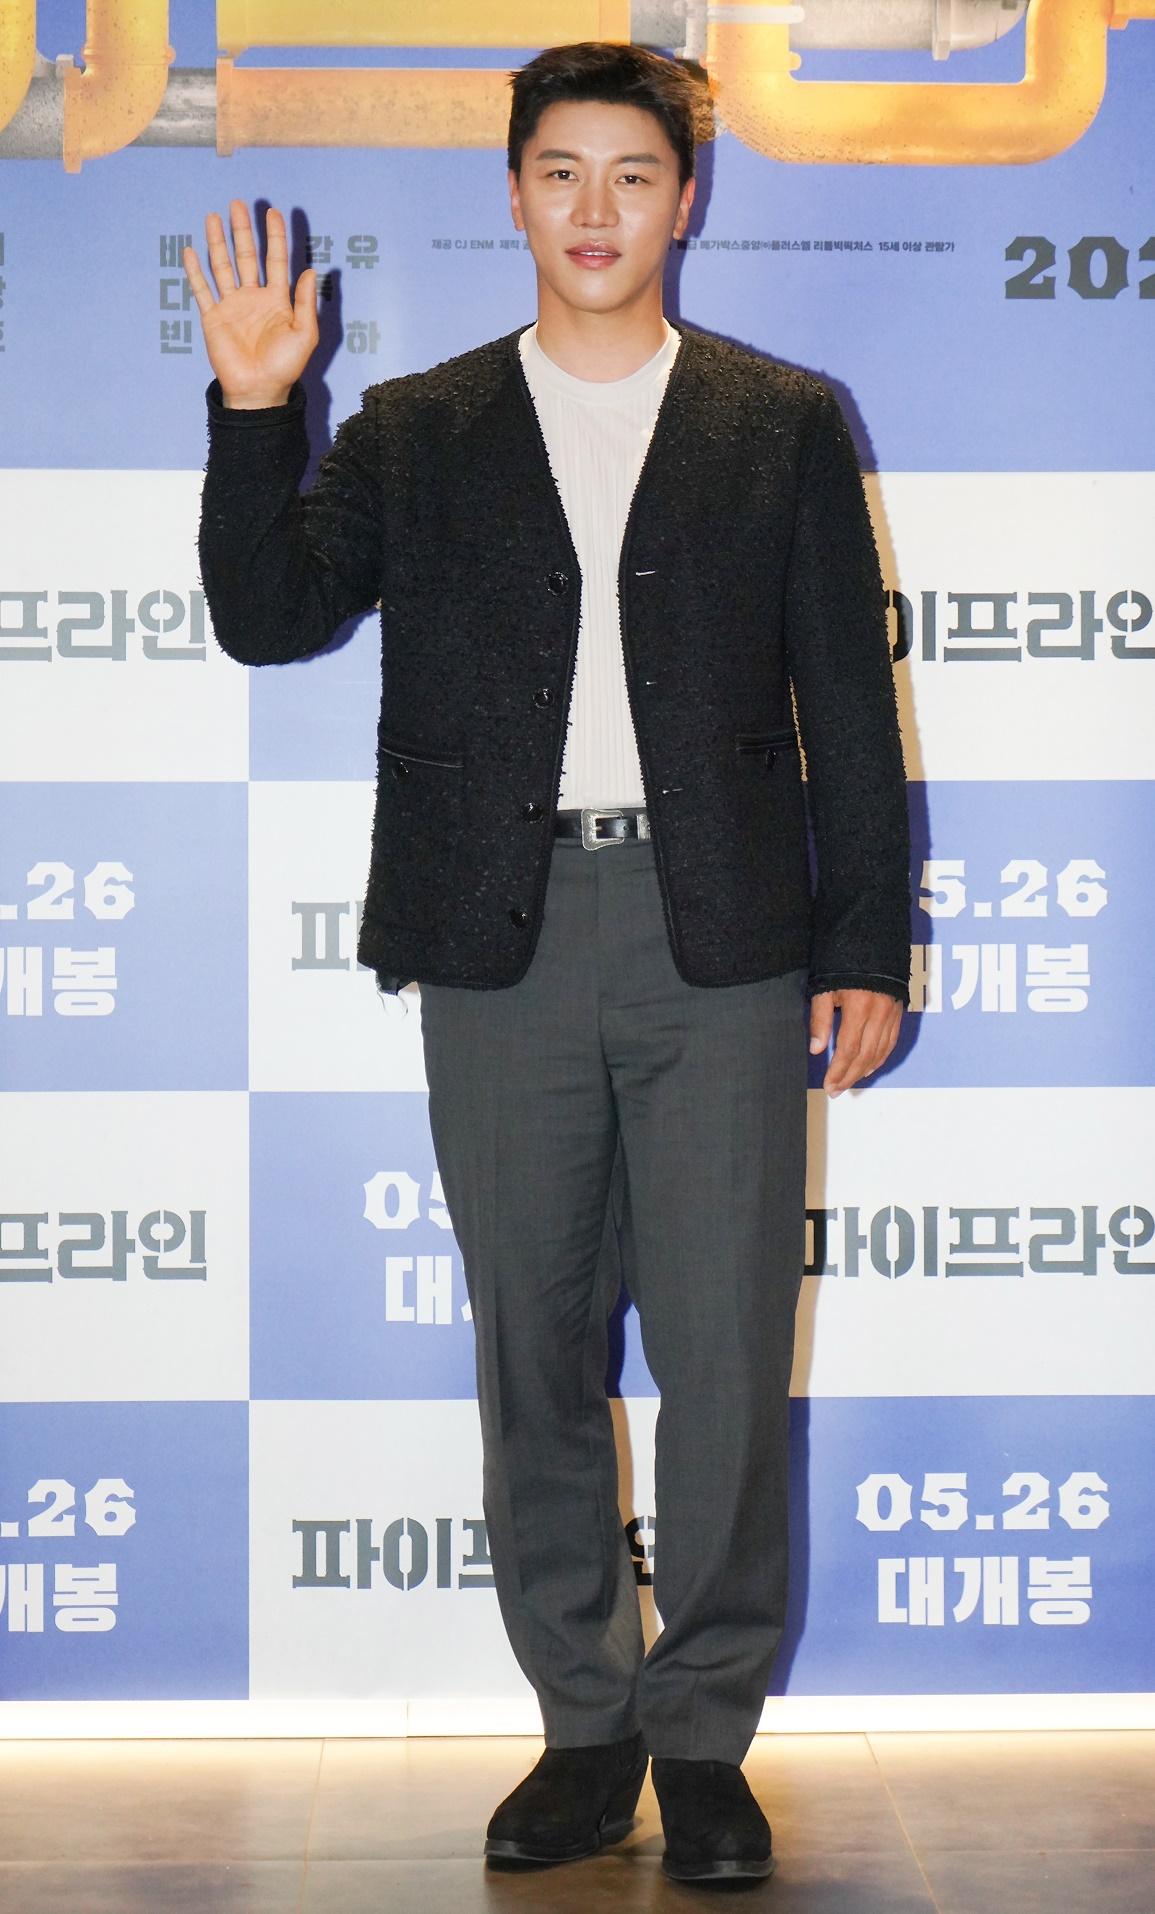 '파이프라인' 음문석, 필요한 조연! - 오마이뉴스